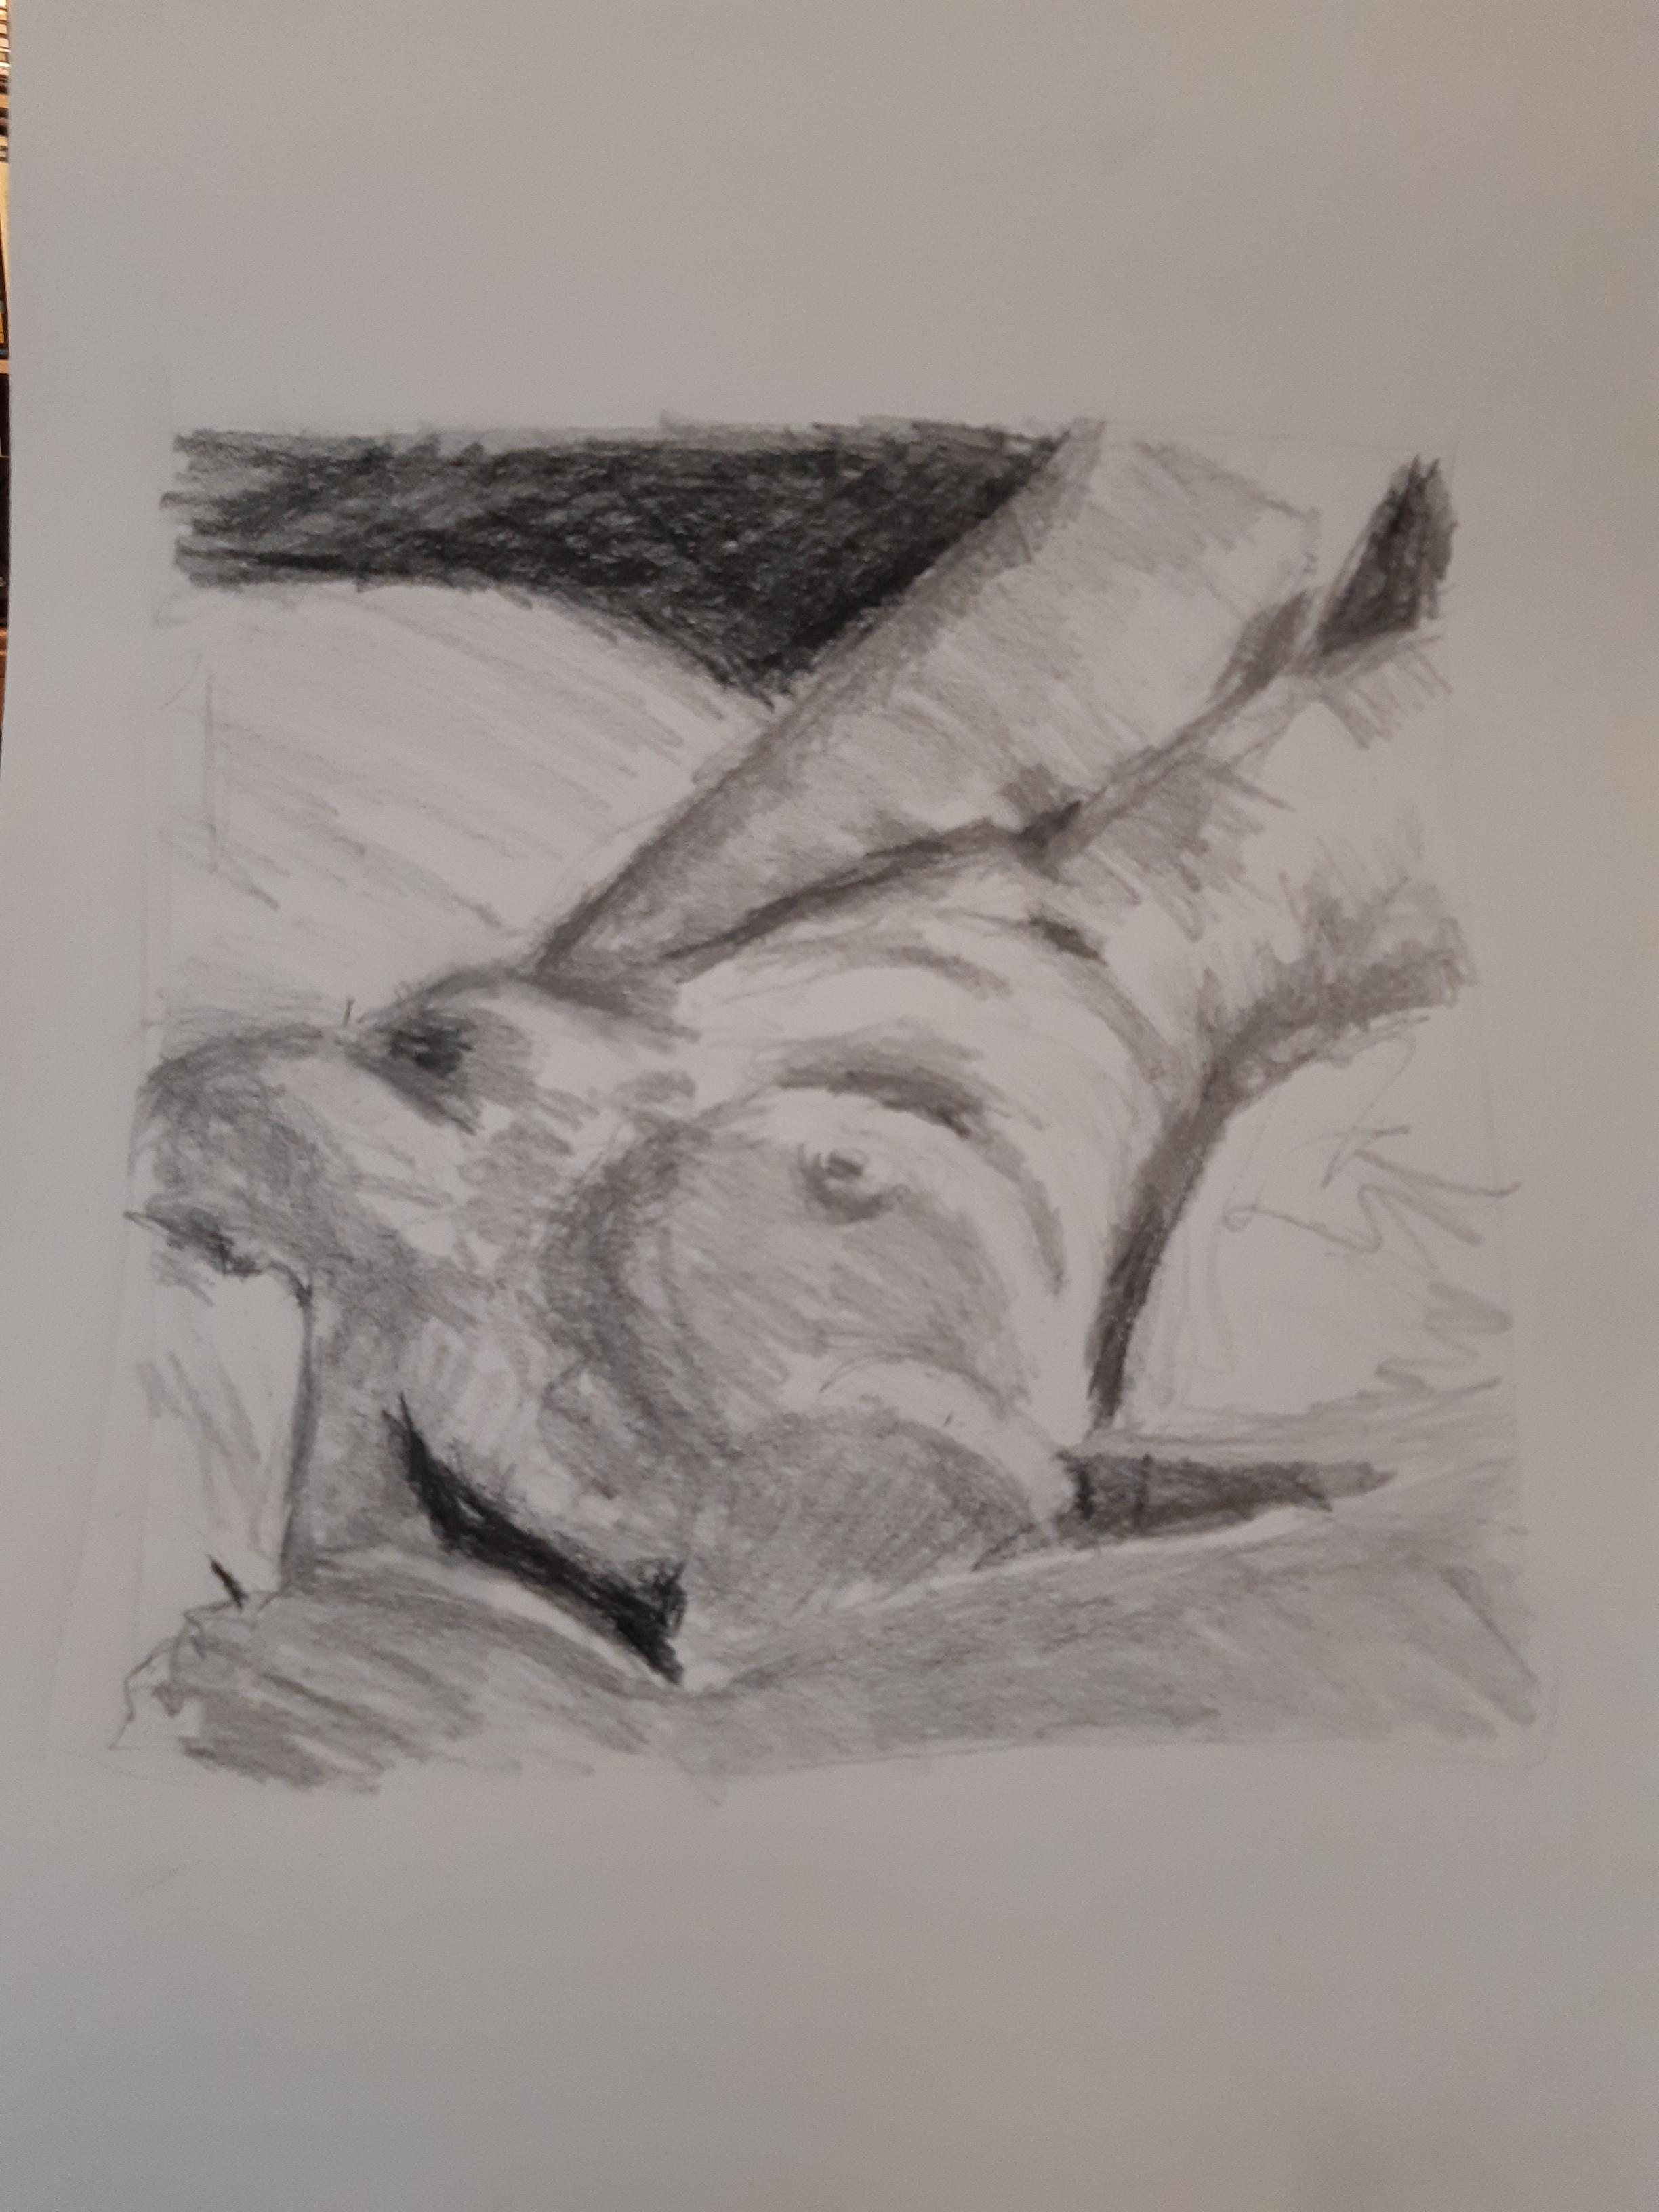 Raccourci perspectives dessin graphite torse femme  cours de dessin